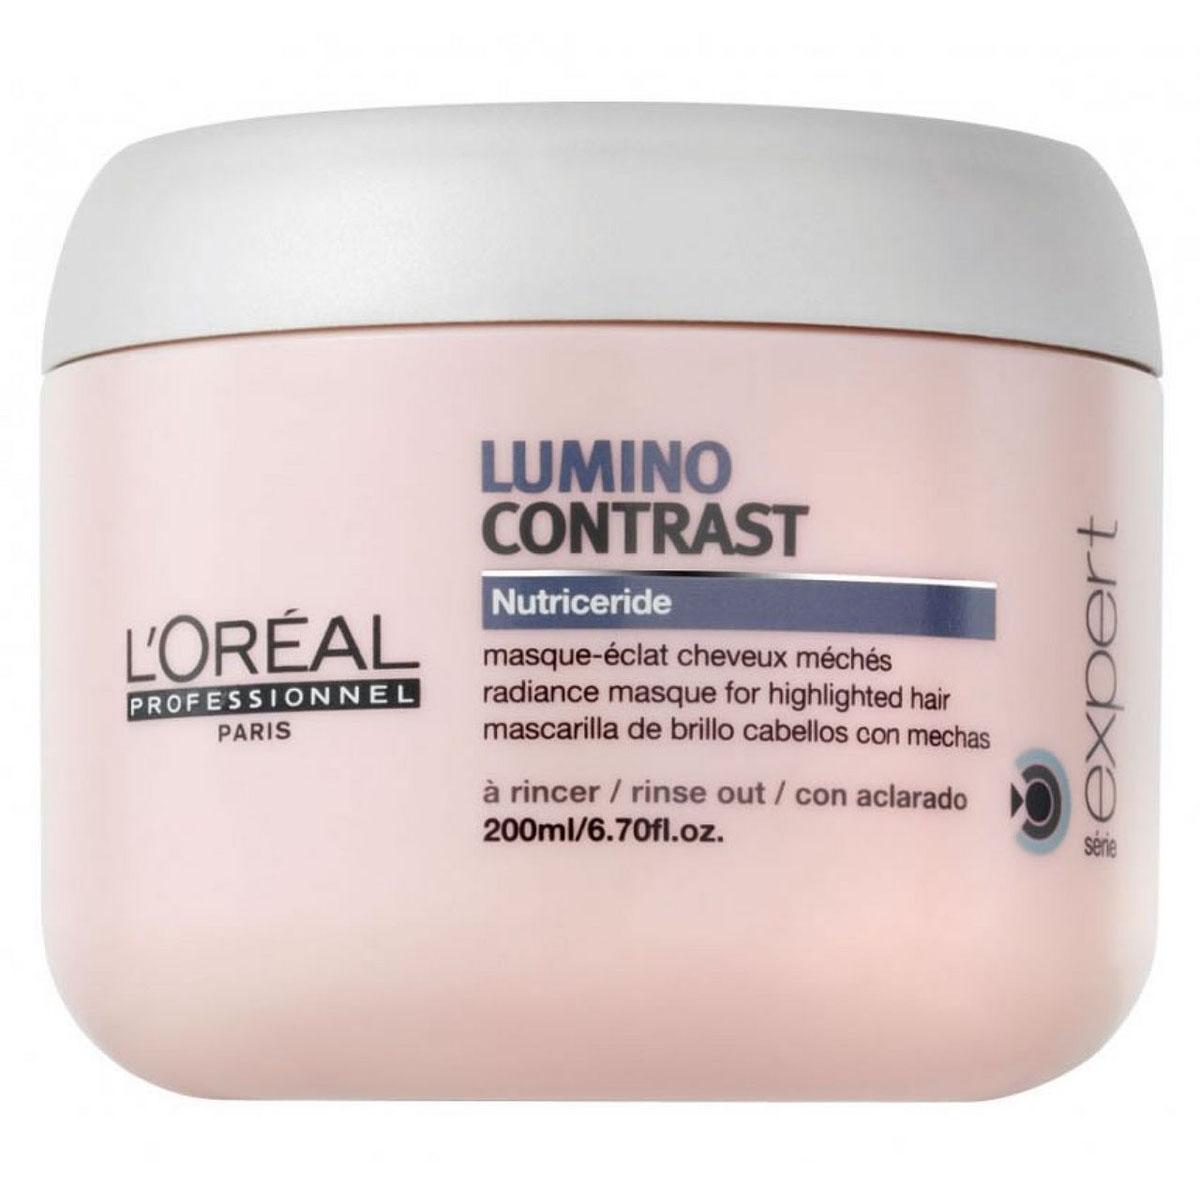 LOreal Professionnel Маска-сияние Expert Lumino Contrast - 200 млE3001876Как известно, мелированным волосам необходим особый уход, который отличается от ухода за окрашенными волосами. Специально для мелированных прядей была создана маска-сияние Люмино Контраст, которая справляется с несколькими задачами: Препятствует вымыванию цвета, питает волосы. Разглаживает волосы, создавая на них плёнку, которая защищает их от неблагоприятного воздействия внешних факторов. Дарит волосам сияние, шелковистость, гладкость и наполняет их энергией.Способствует восстановлению липидного баланса мелированных прядей, благодаря особой технологии Nutriceride.Облегчает процесс укладки и расчёсывание.